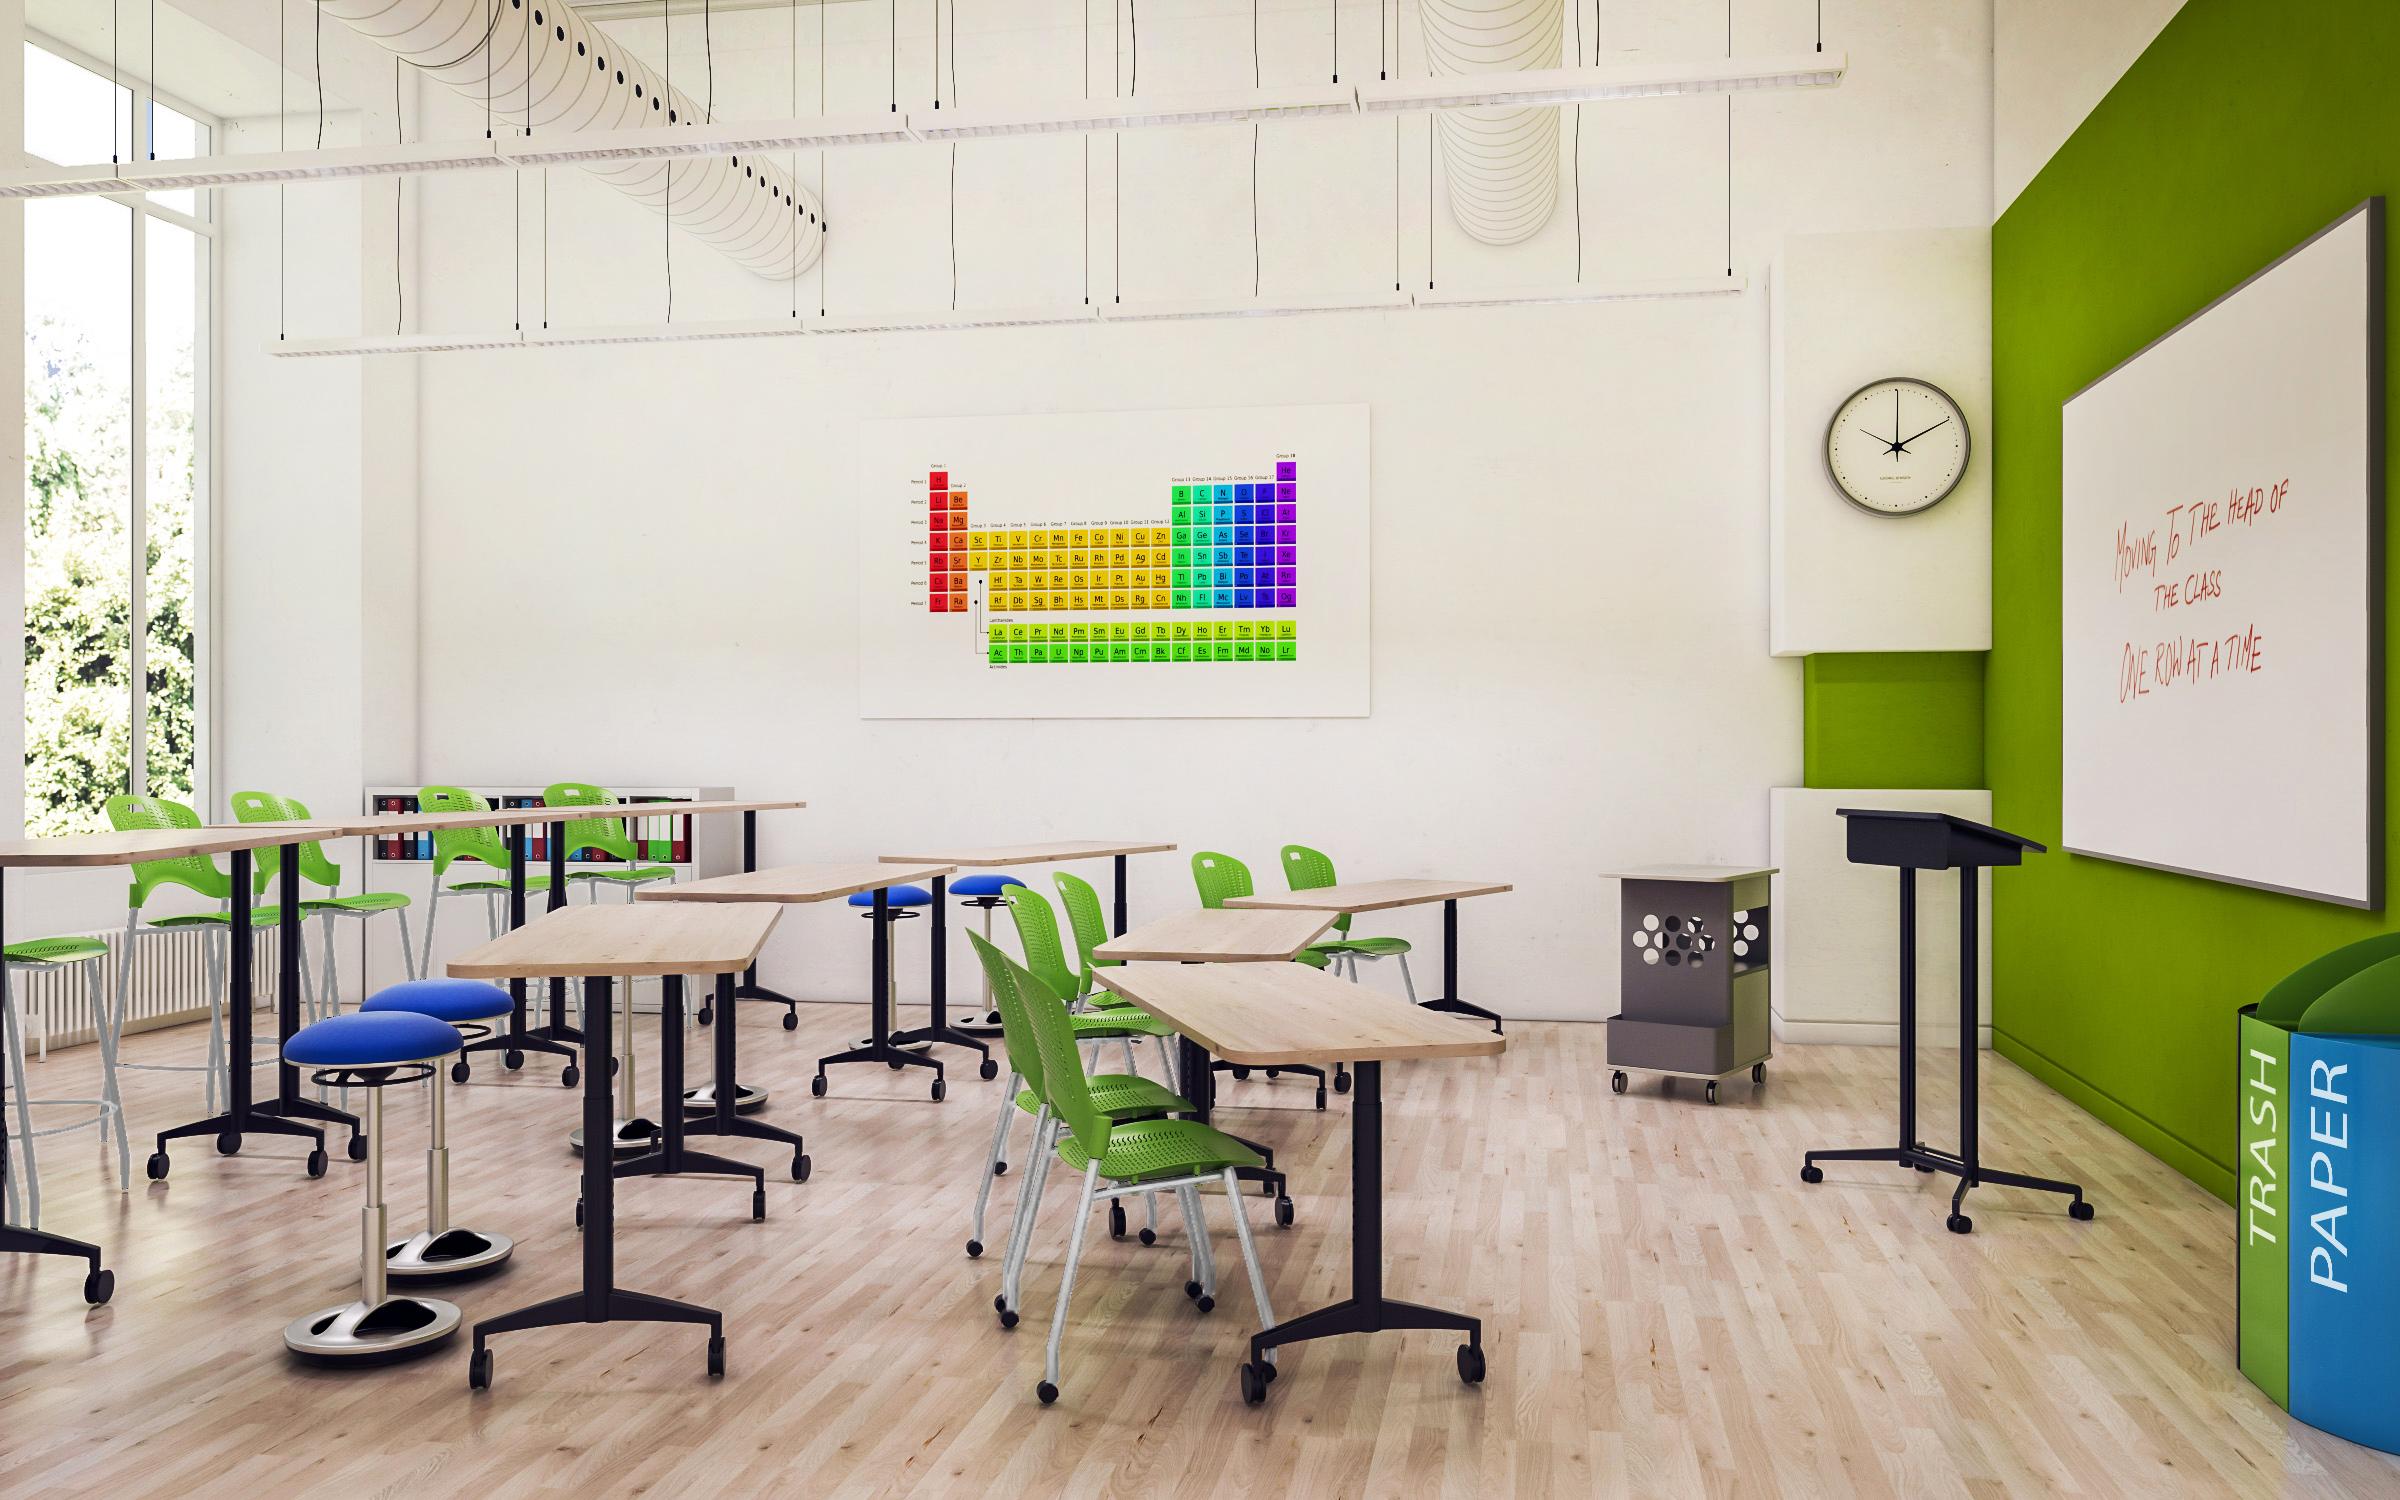 Safco_K12_Classroom3